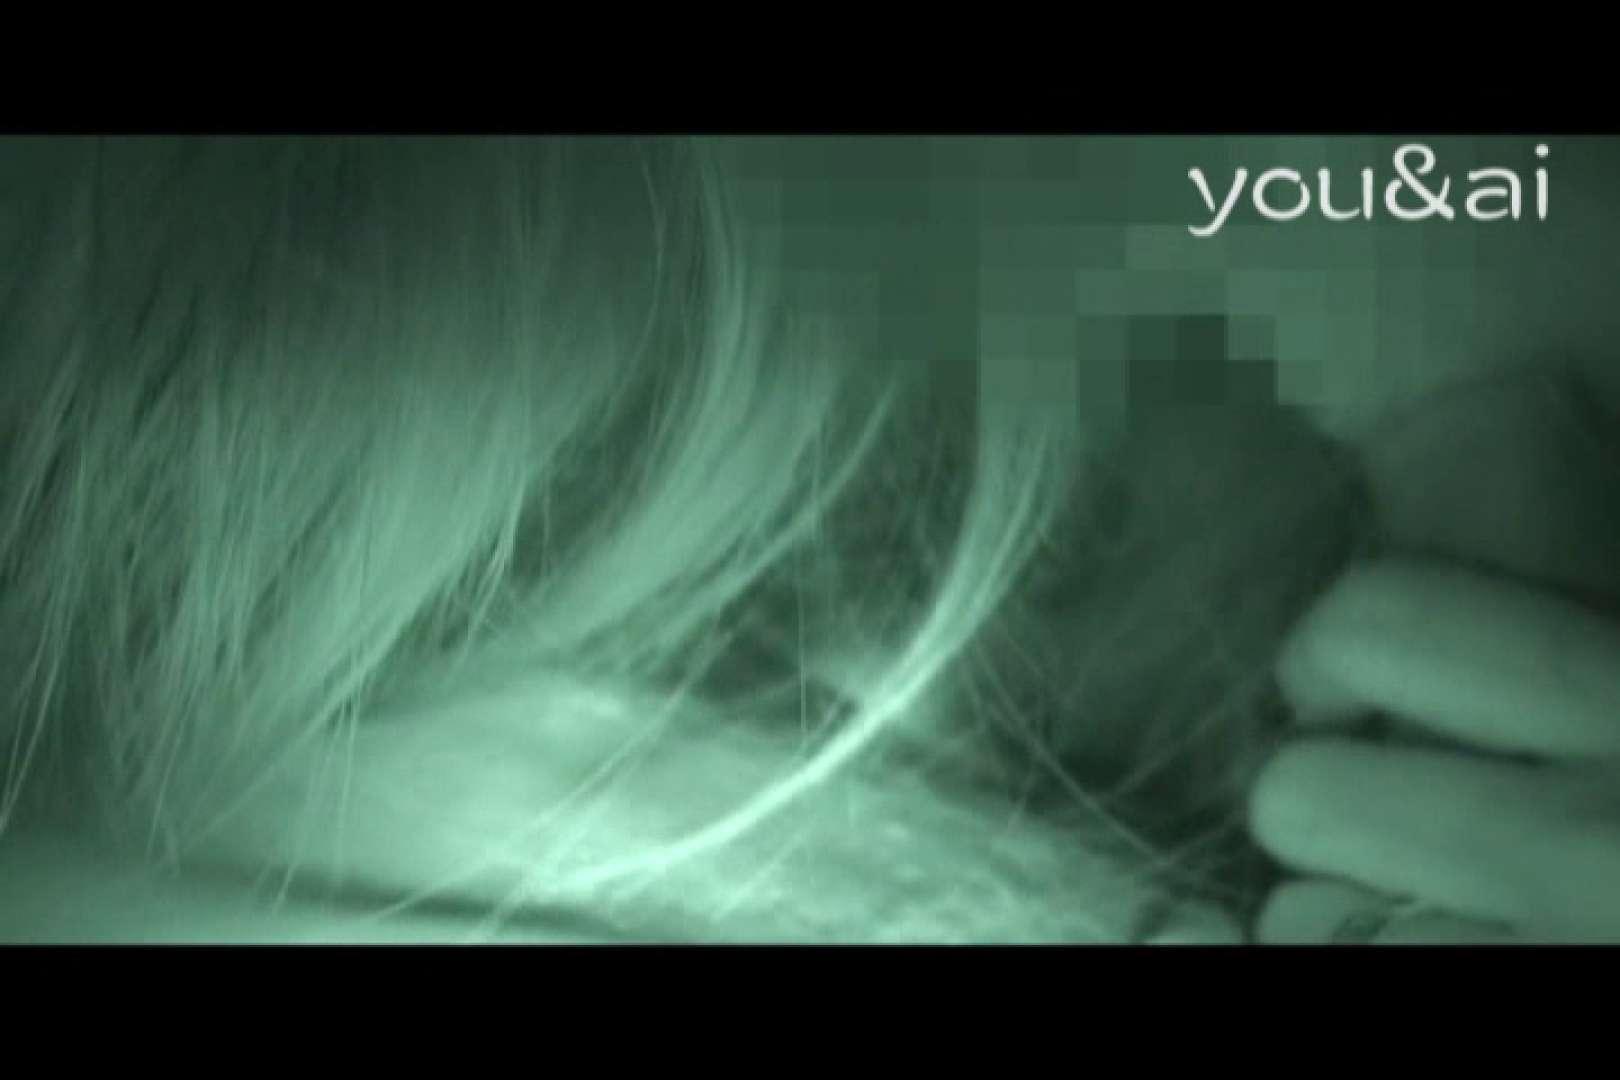 おしどり夫婦のyou&aiさん投稿作品vol.4 投稿 | 緊縛  104枚 99